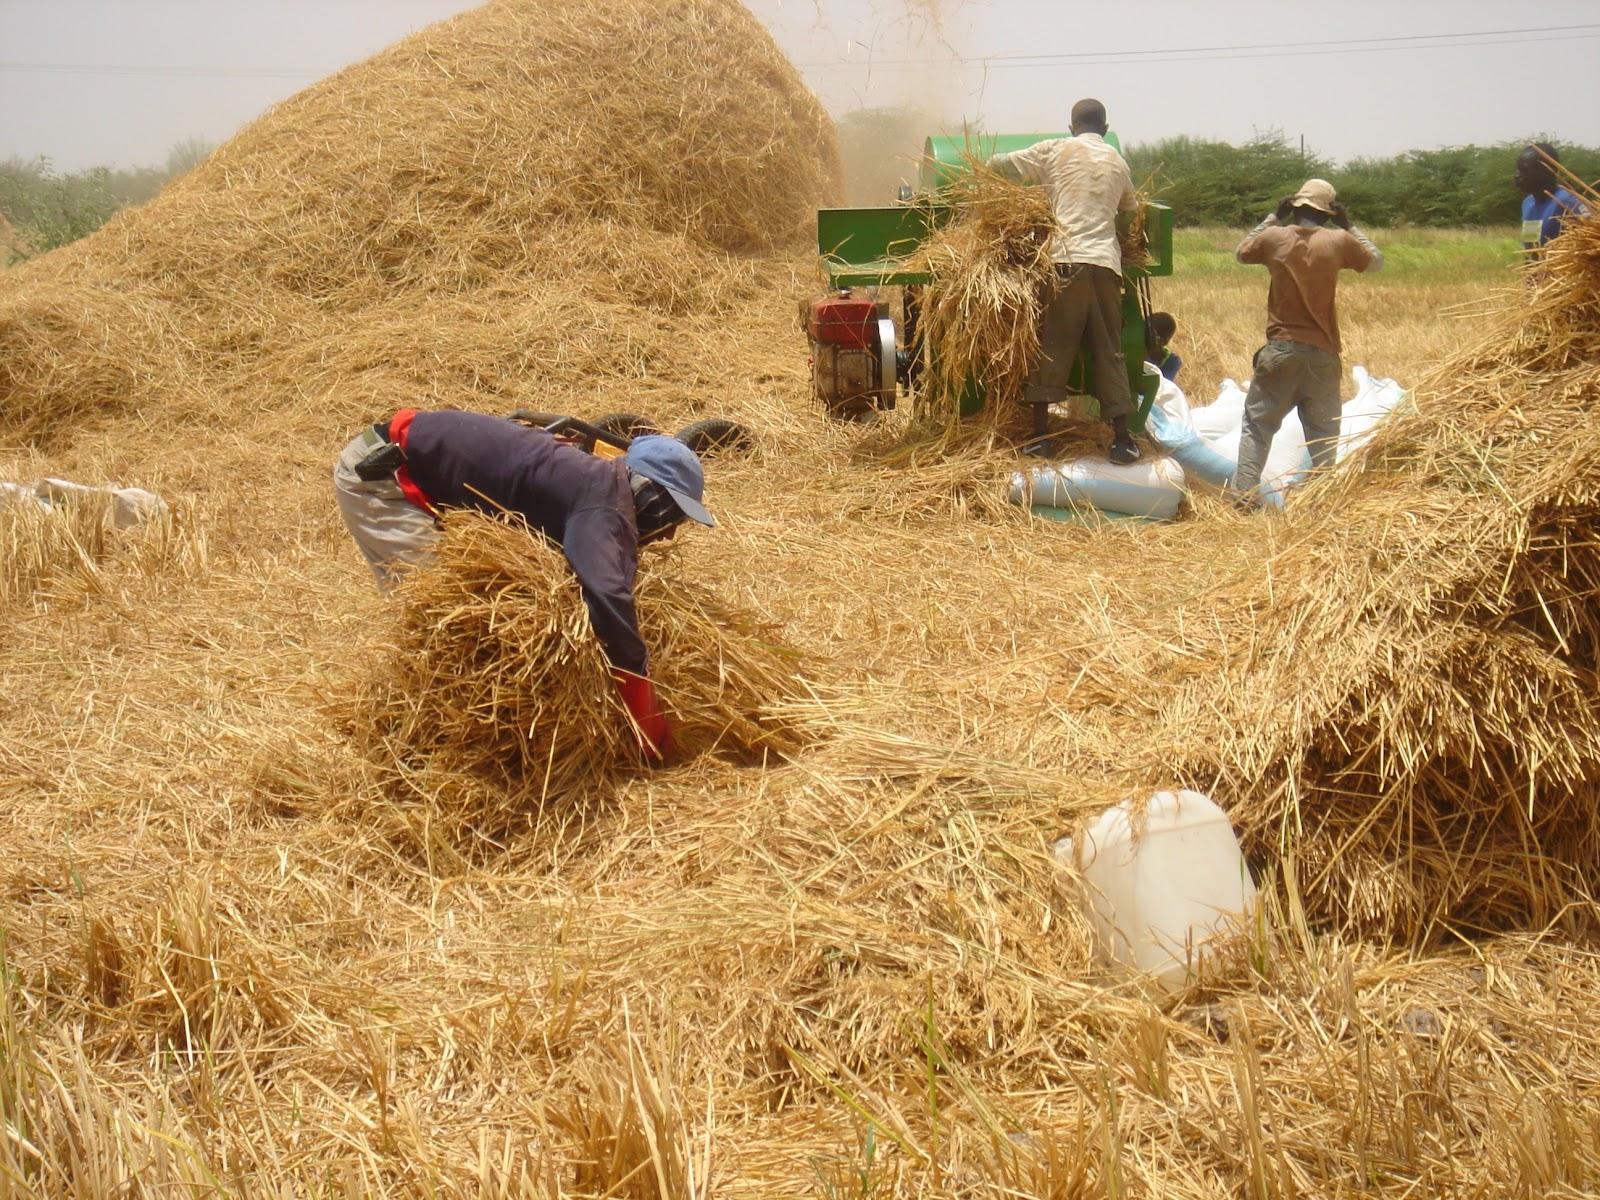 Vallée du fleuve Sénégal : Macky Sall annule plus de 11 milliards de dette des paysans